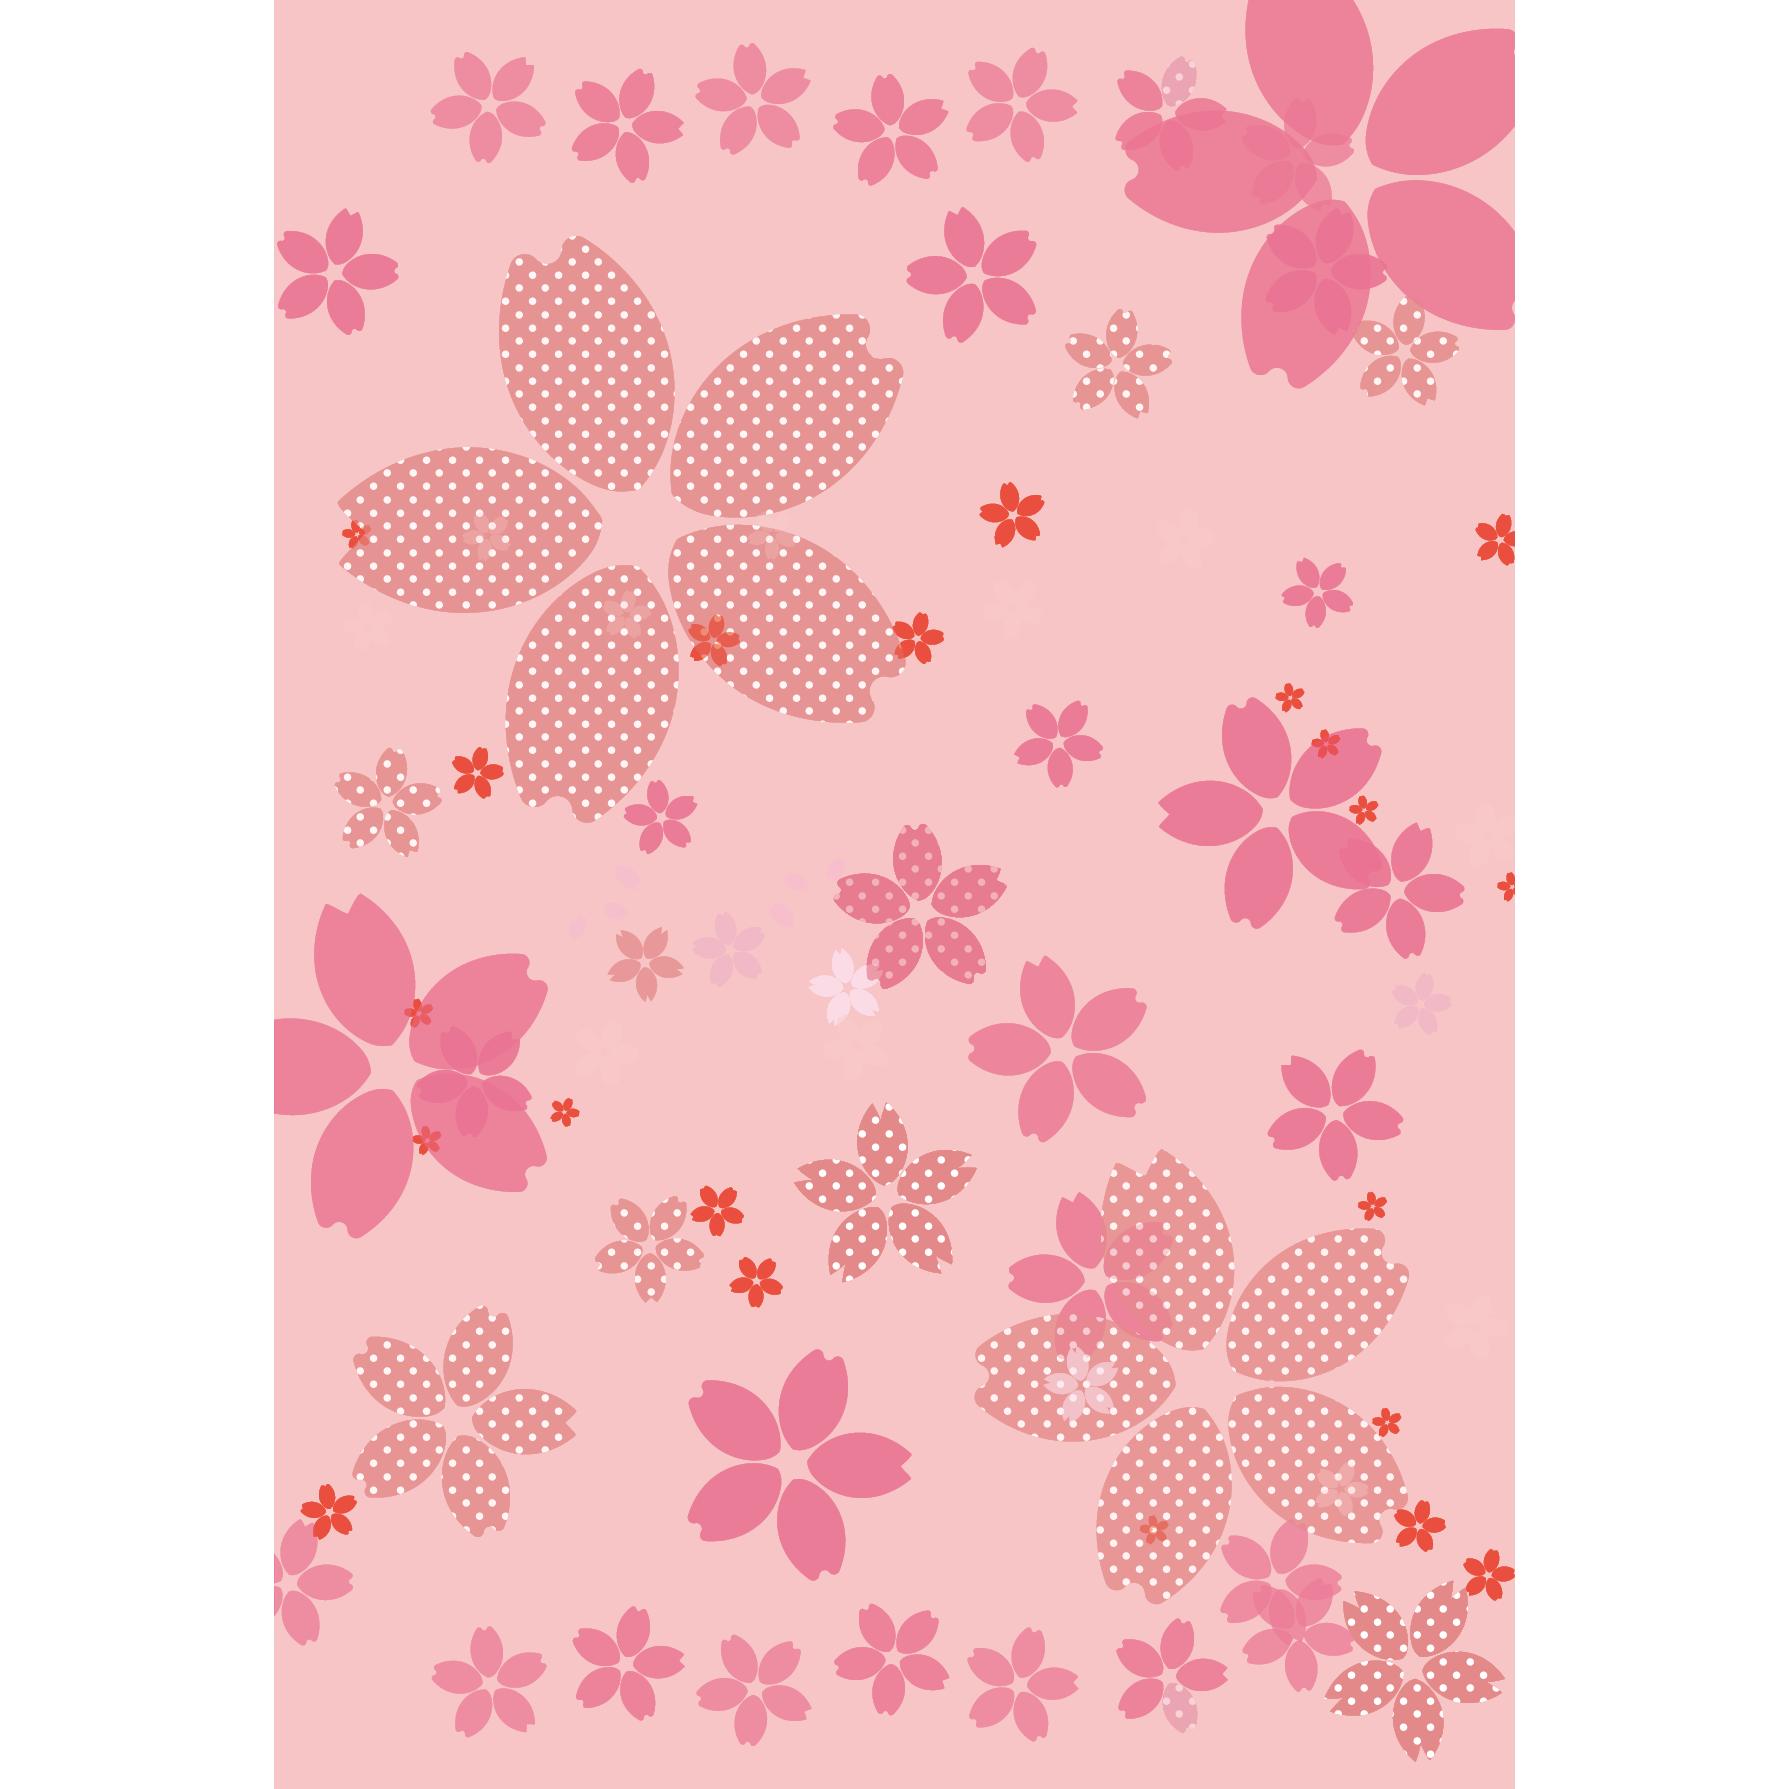 商用可 春を感じる 和風だけどかわいい 桜のイラスト 背景 A4サイズ